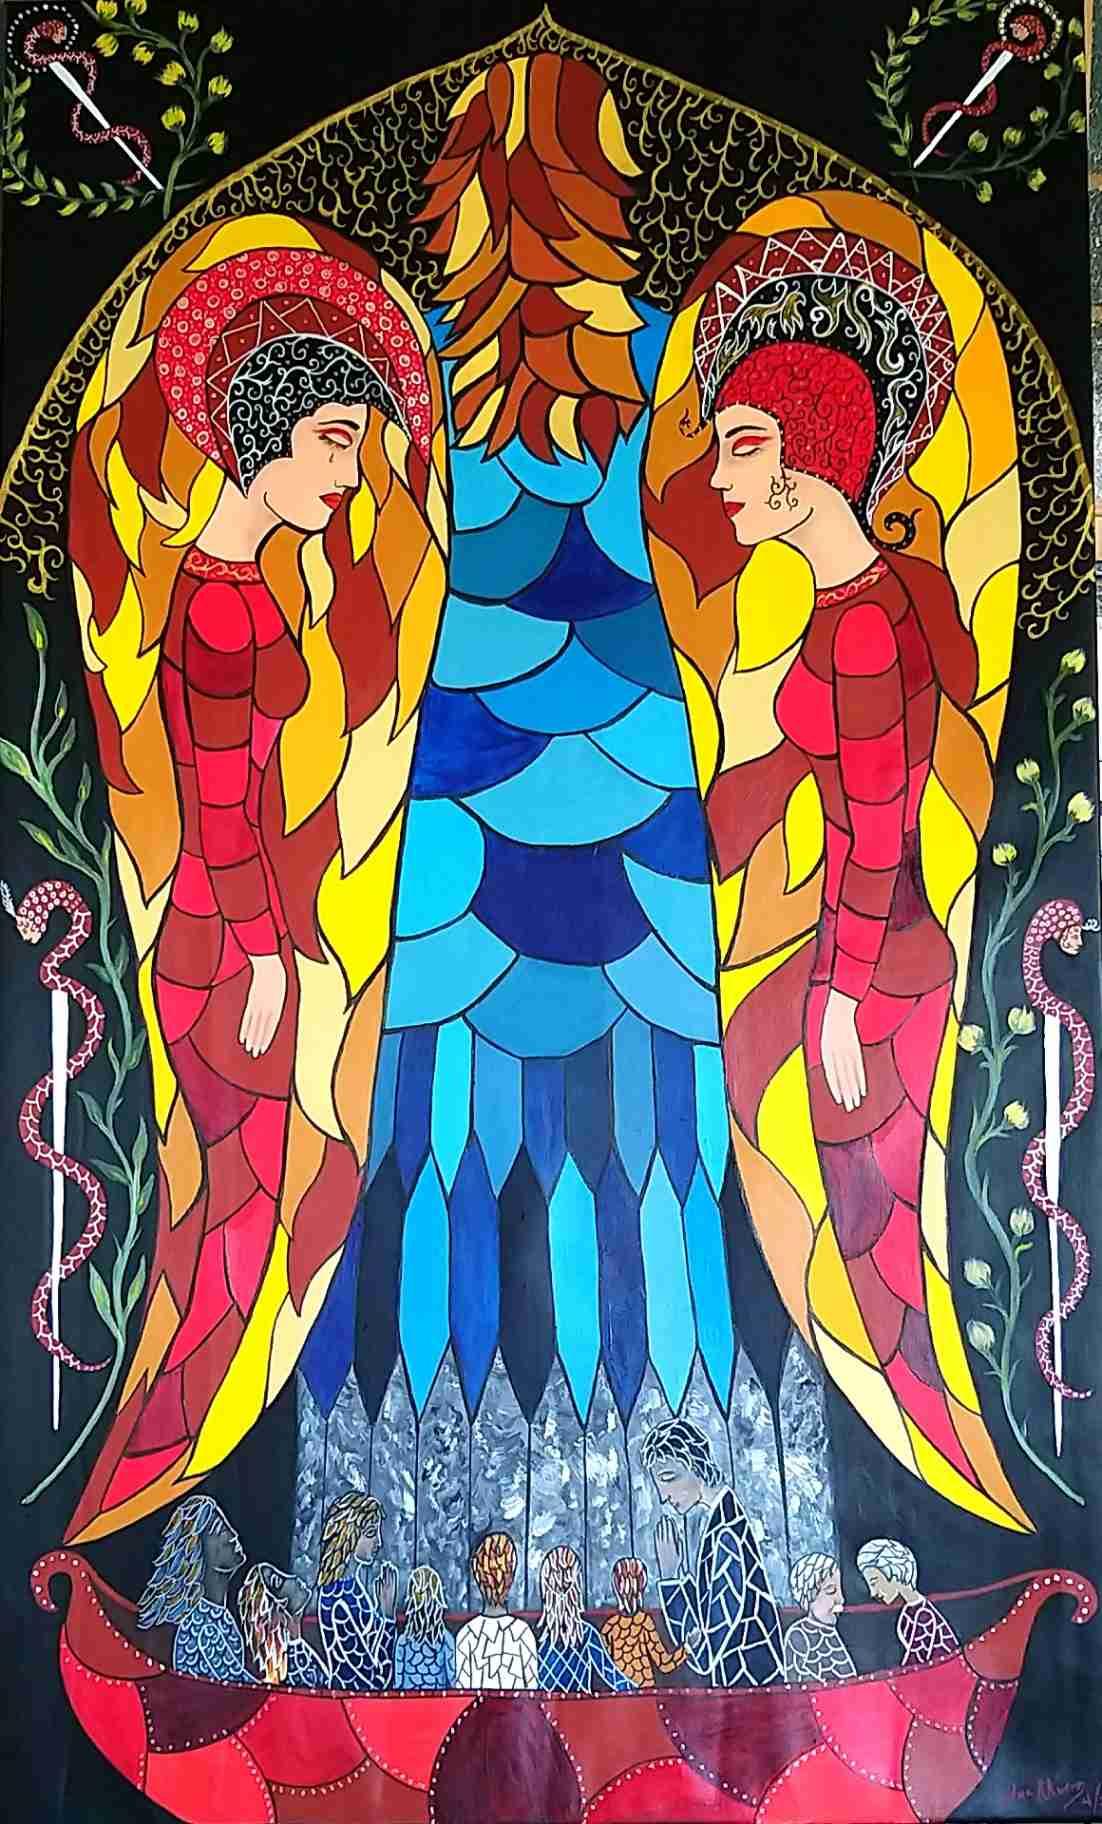 Obra: Invocación al Ángel de la Salud